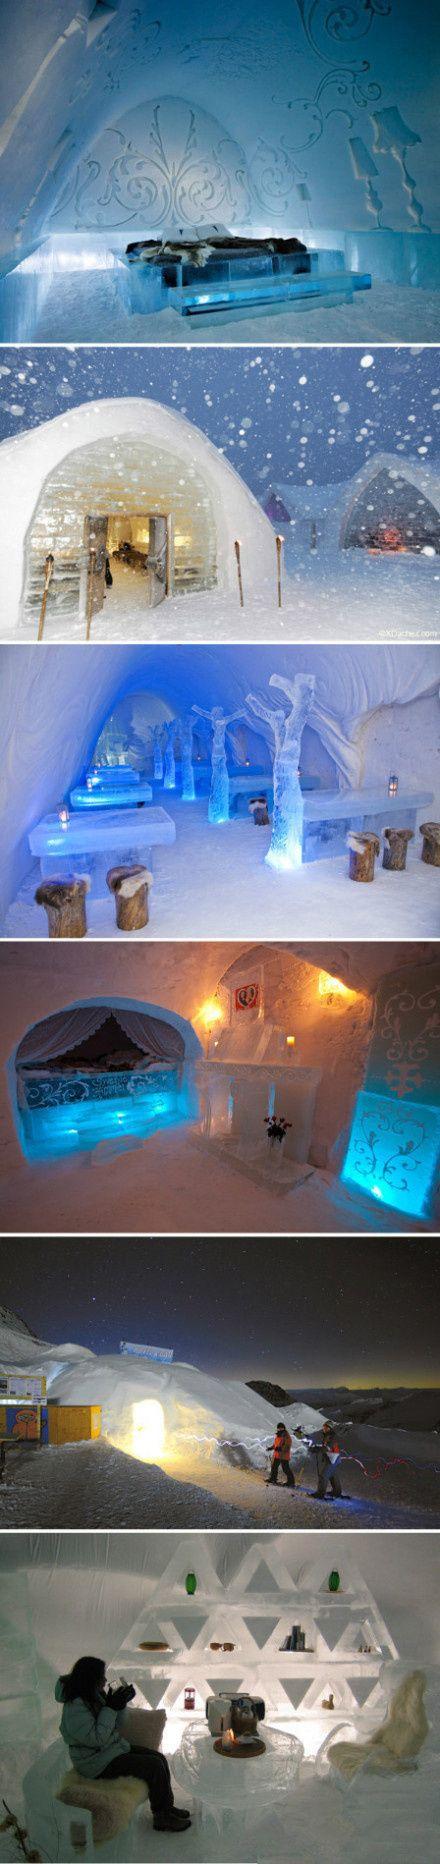 El seis Hotel líder mundial más hermoso De hielo] 1, Suecia????? el Hotel De hielo 2, el Hotel De hielo en Quebec, Canadá 3, Finlandia de Fortaleza Kemi de hielo Noruega Alta Shohreh el hotel de hielo de Si Niwa 5, Davos hotel de iglú 6, el Hotel De hielo en Hokkaido, Japón